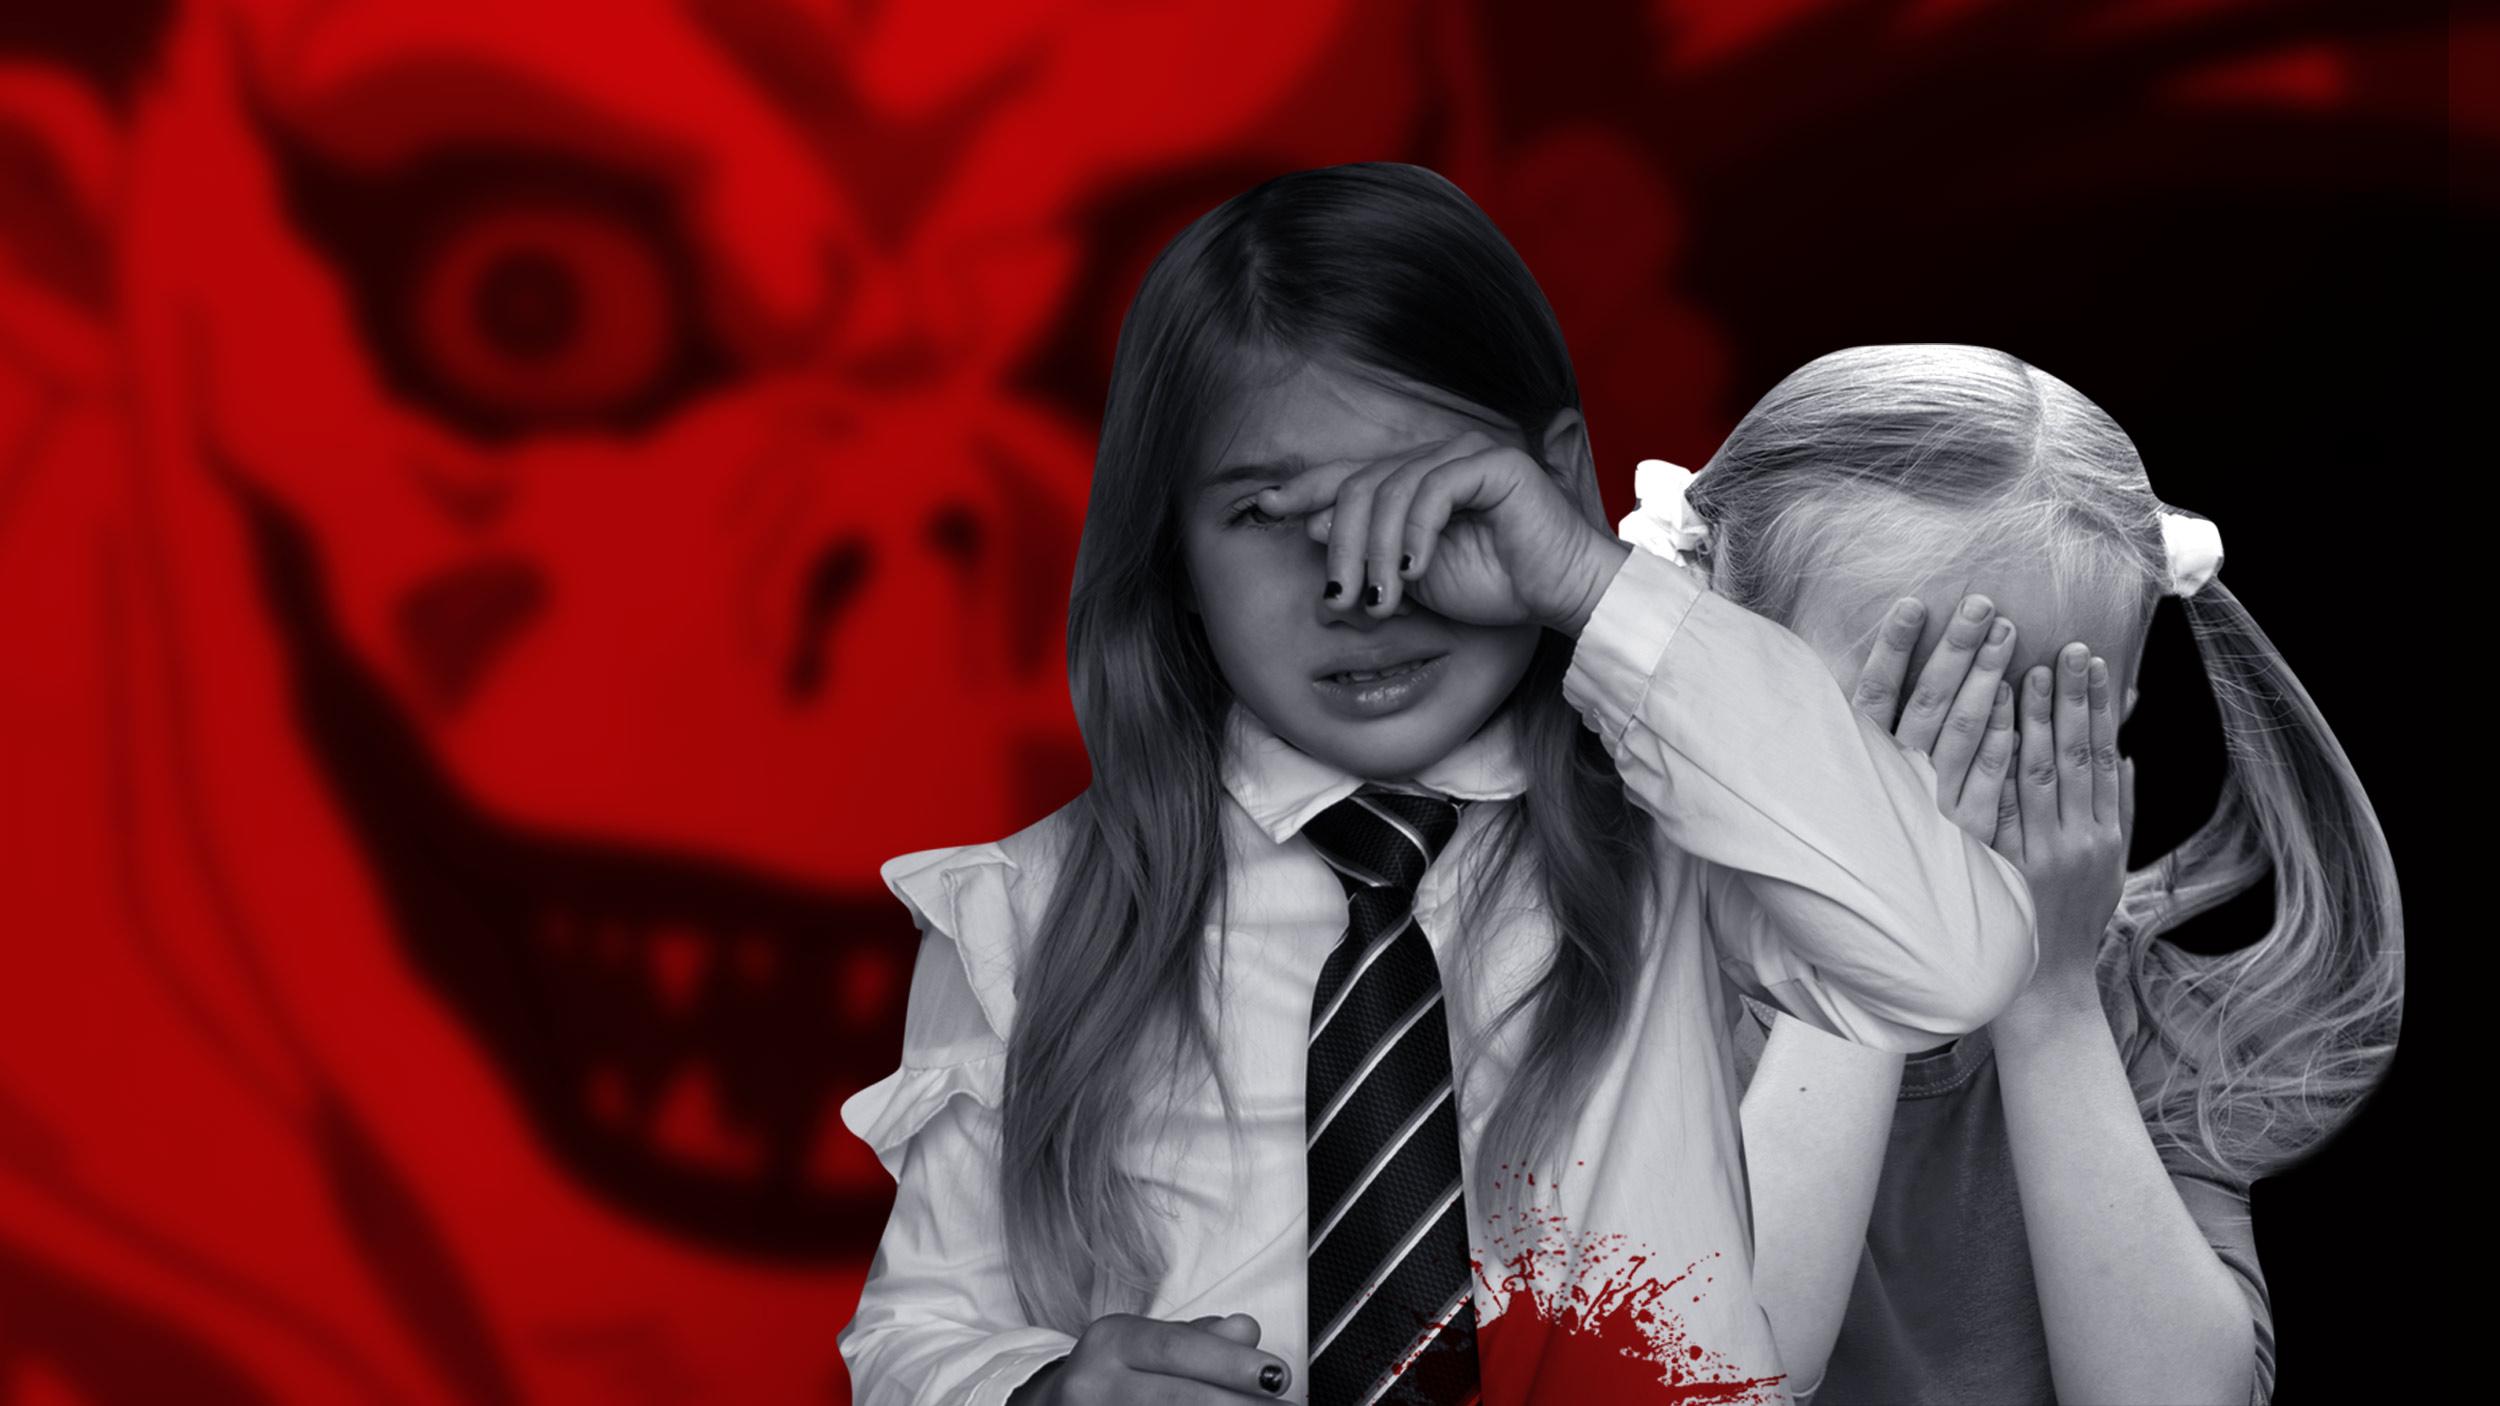 Мультик смерти: могло ли популярное аниме 'Тетрадь смерти' довести детей до гибели